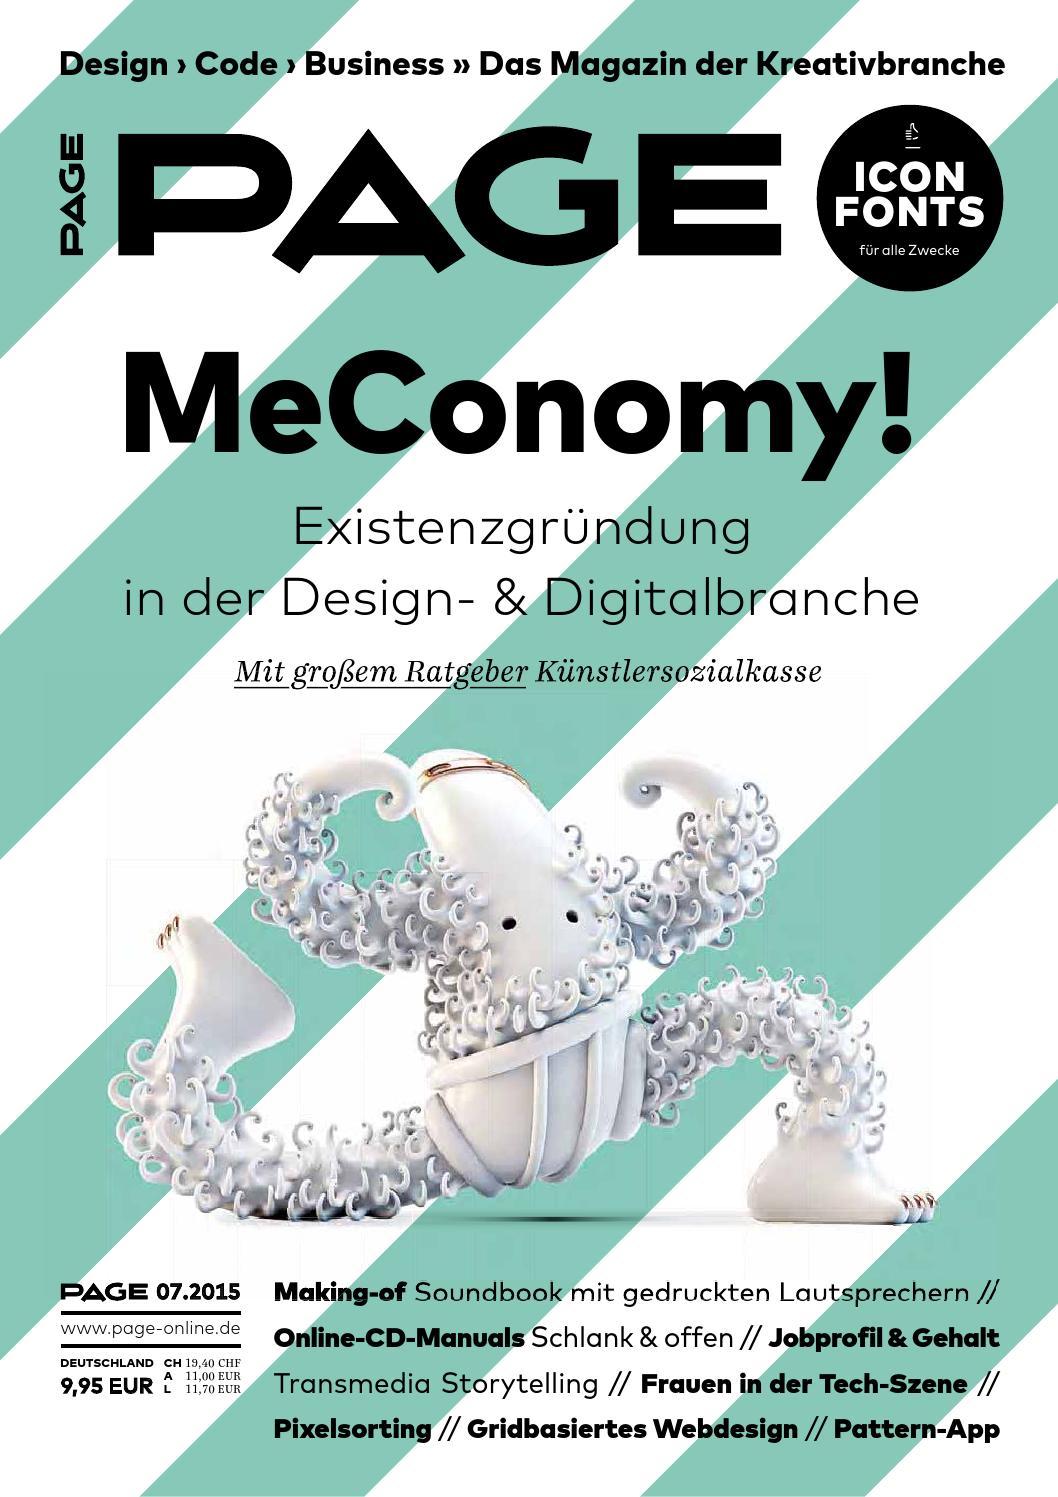 Page 德国 2015年7月 by Ralph - issuu